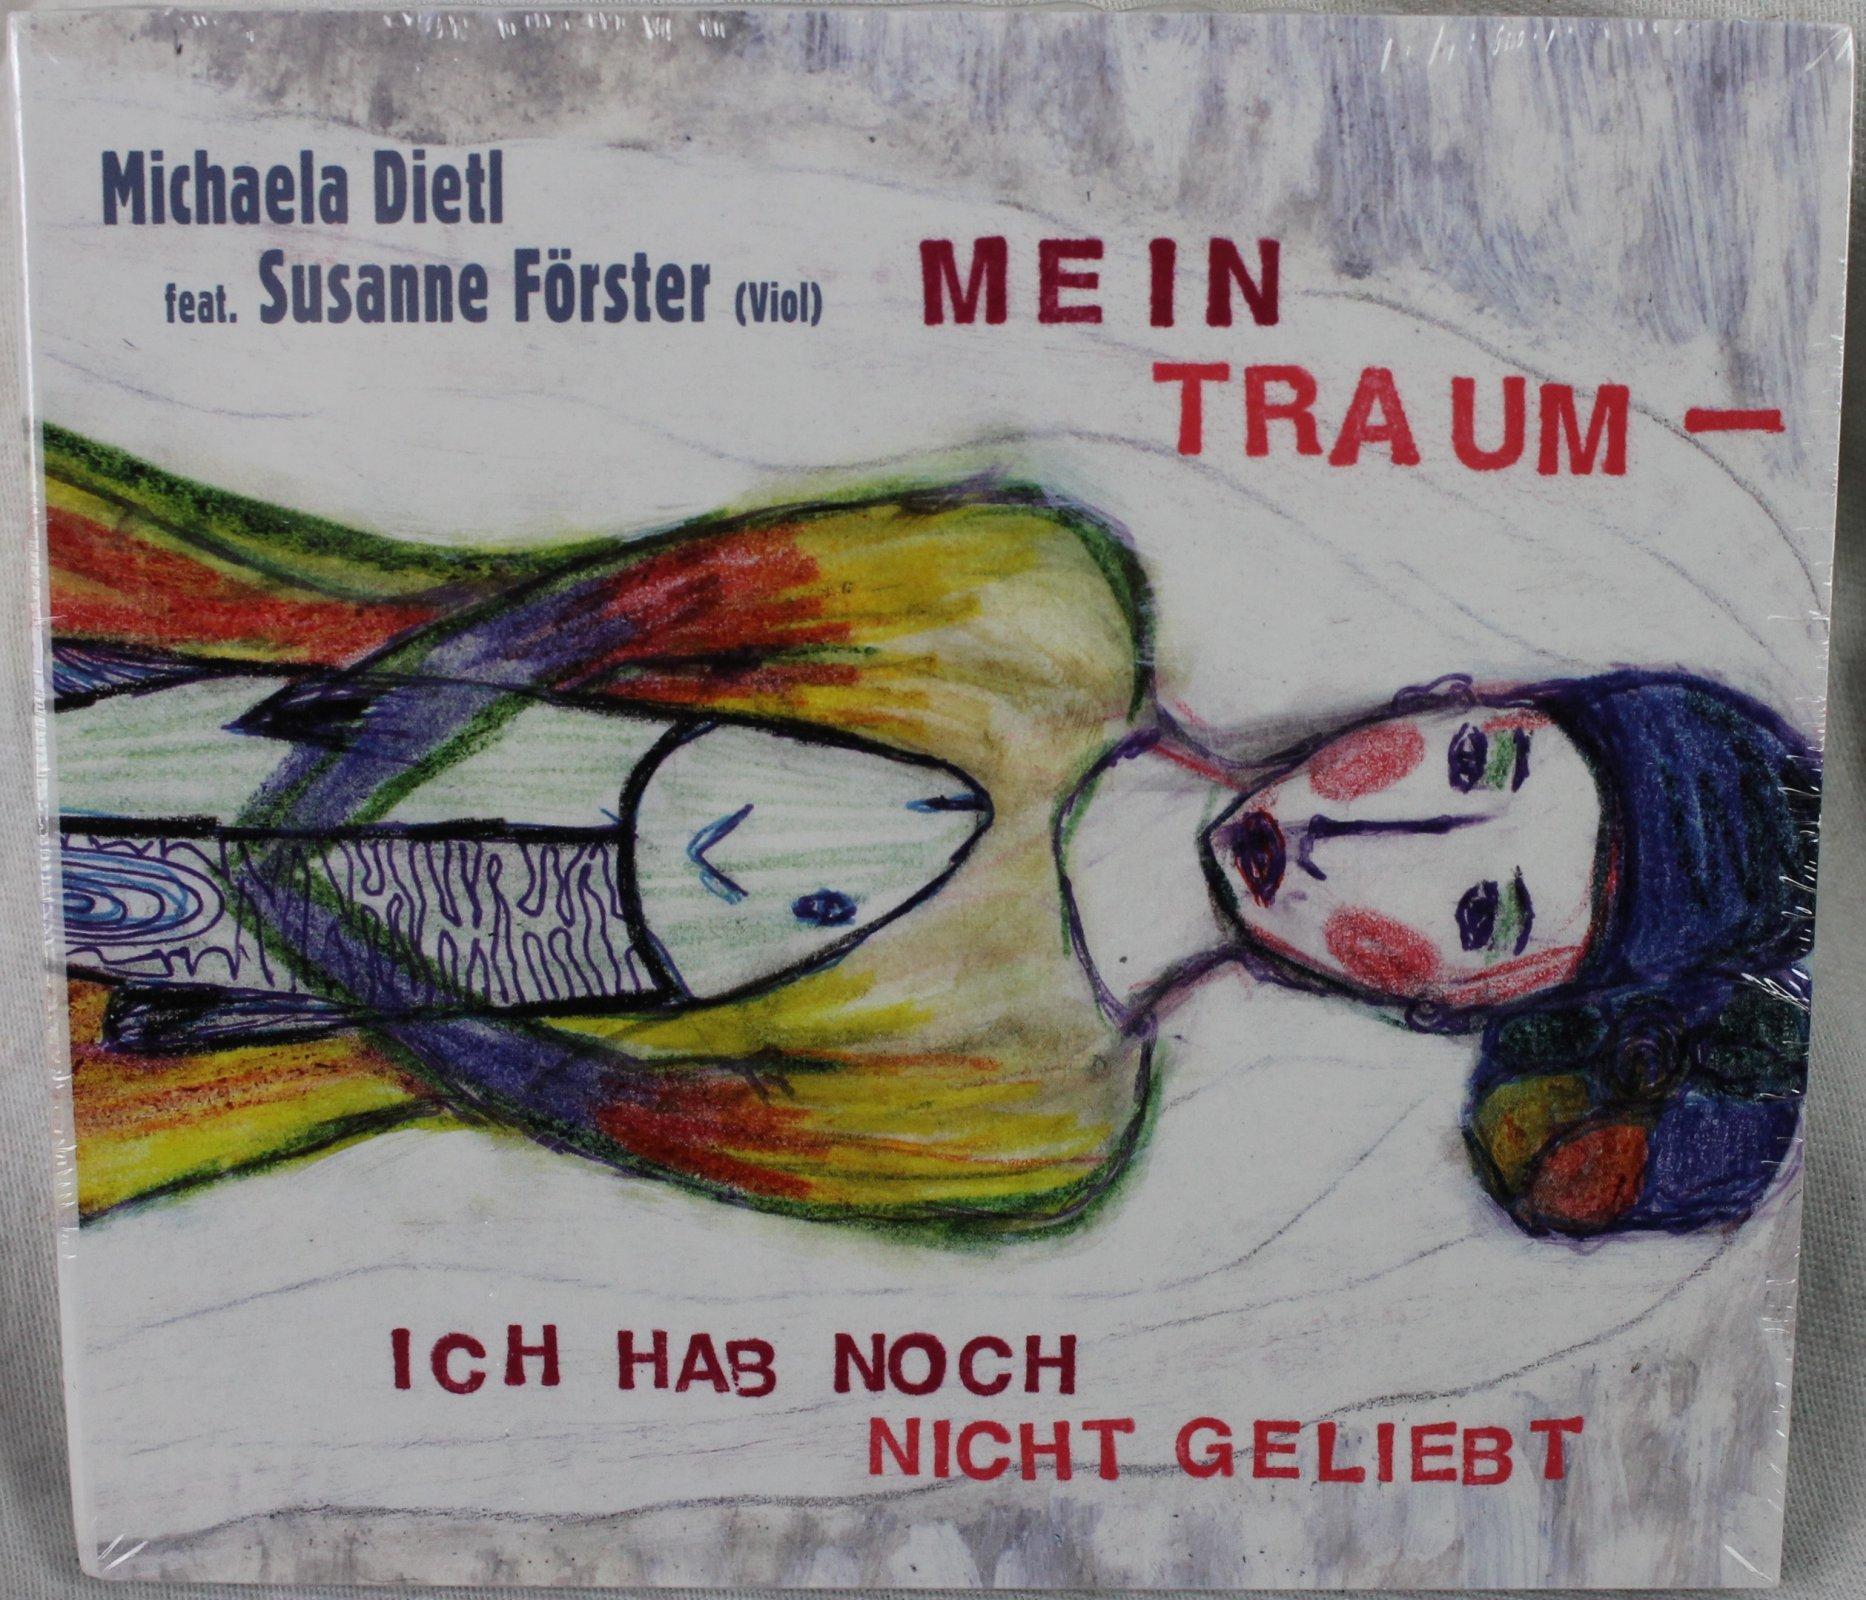 Mein Traum- Ich Hab Noch Nicht Geliebt by Michaela Dietl CD